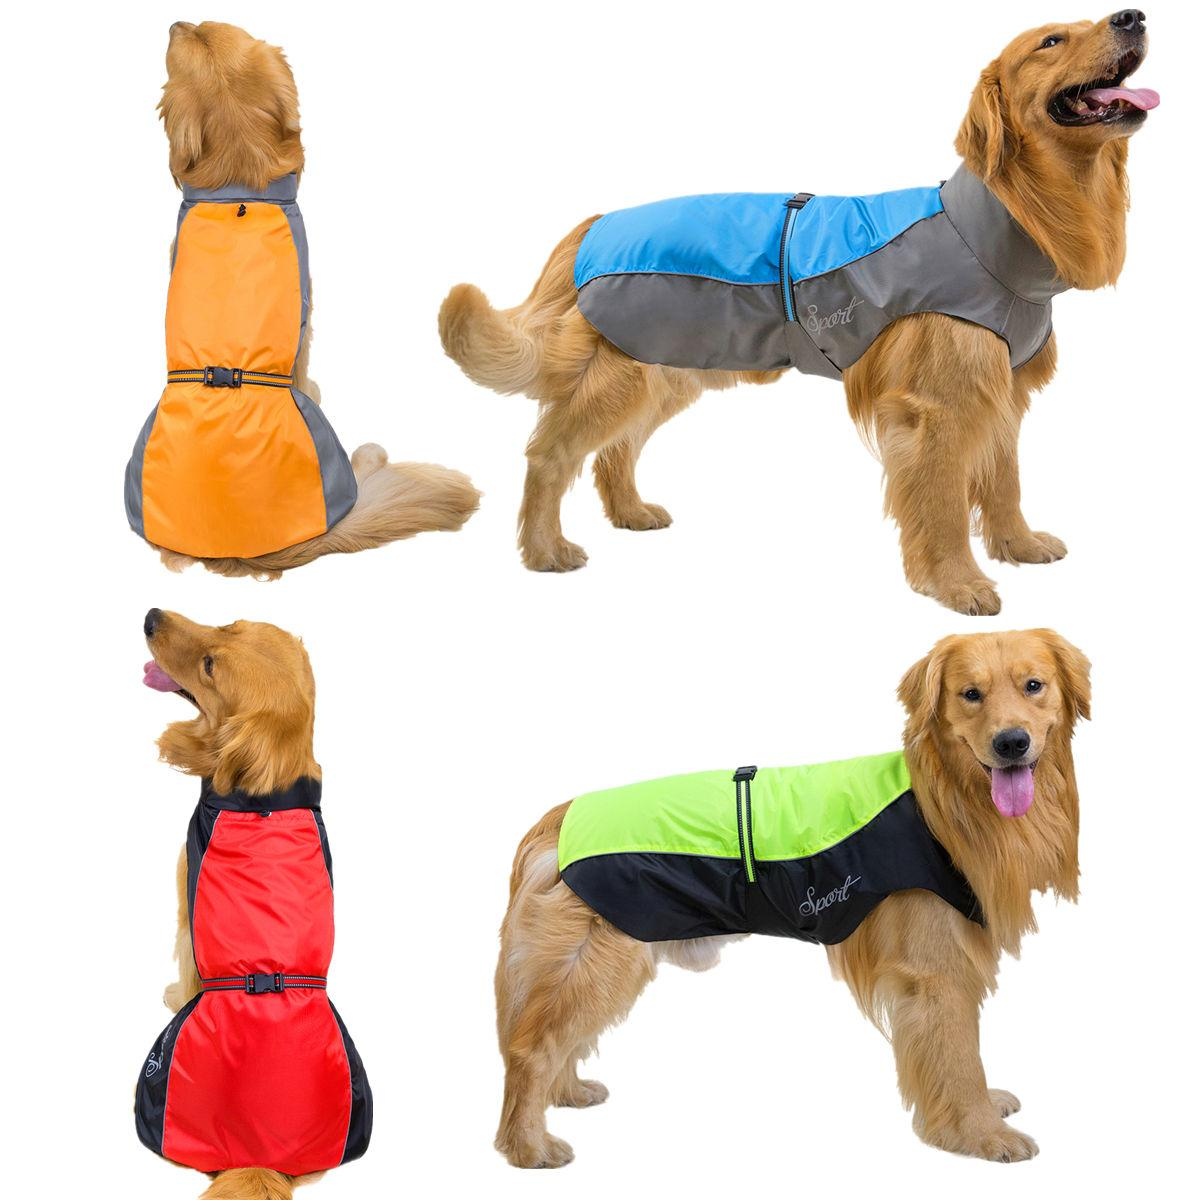 Dog Apparel Clothes Pet Rain Coat Waterproof Jackets Breathable Assault Raincoat for Big Dogs Cats Apparels Pets Supplies 7XL 8XL 9XL